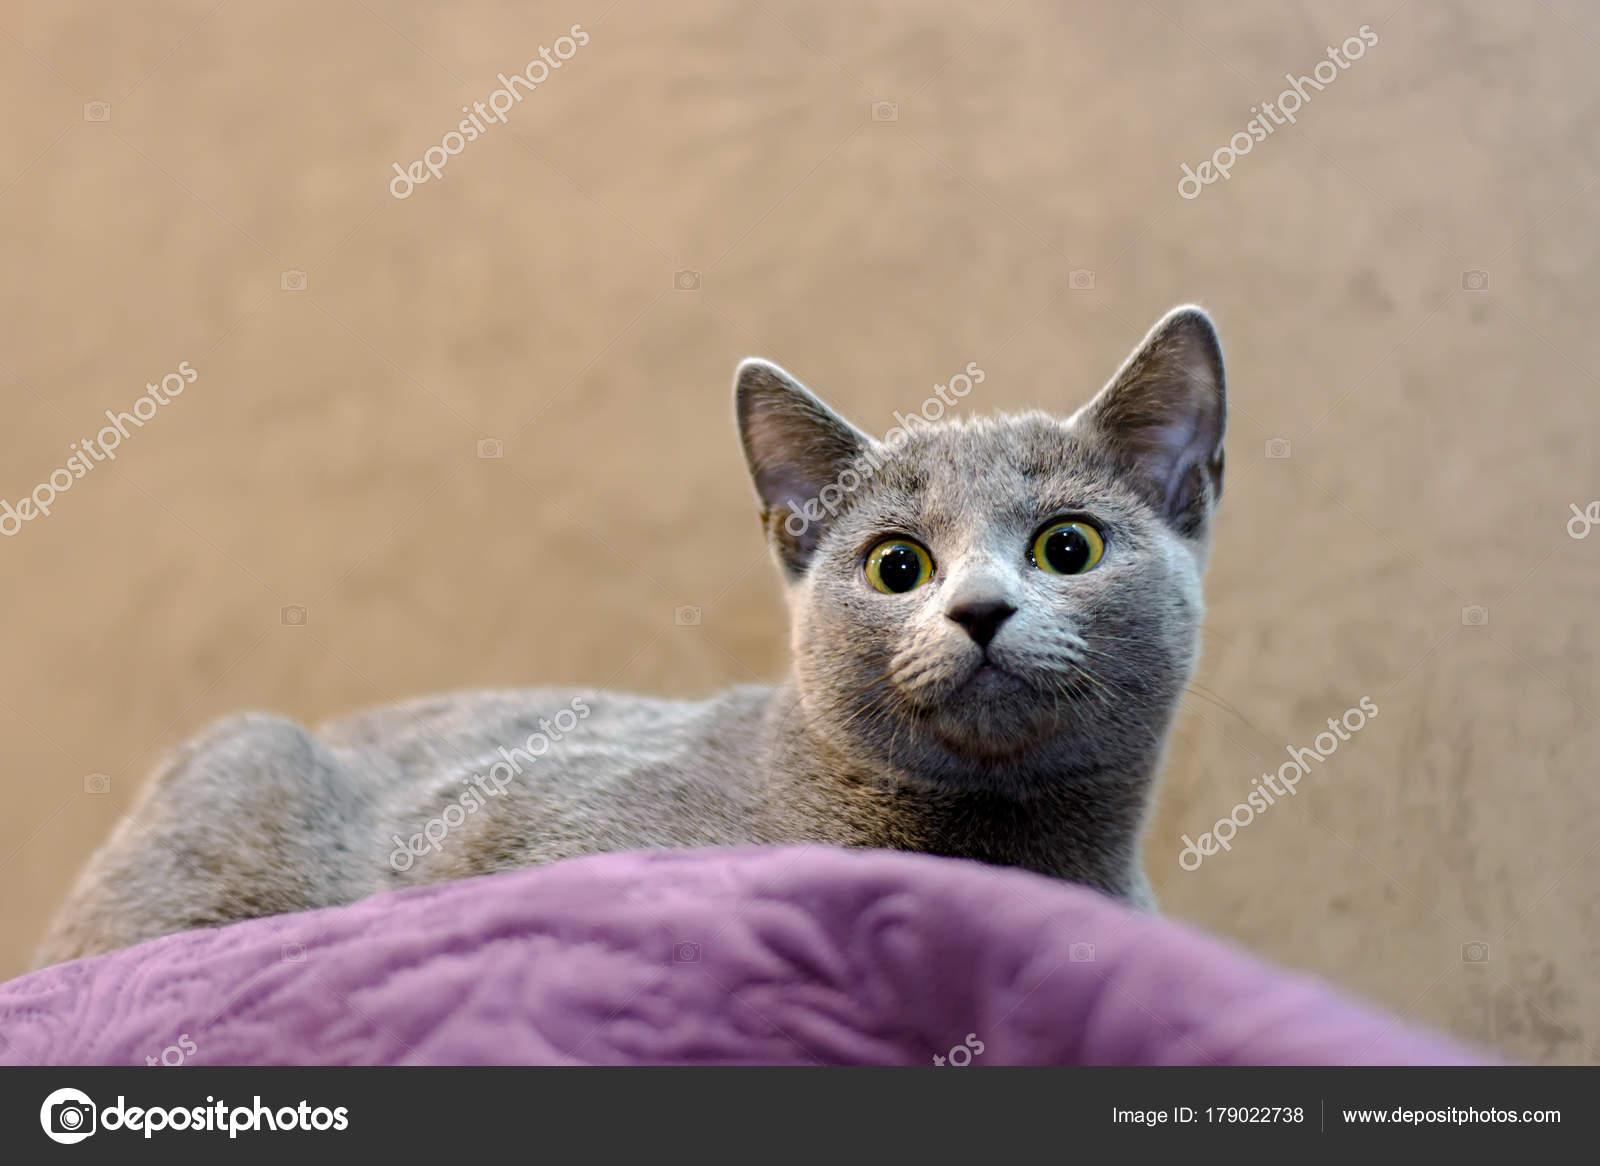 Kot Rasy Rosyjski Niebieski Leży Na Kanapie Zdjęcie Stockowe